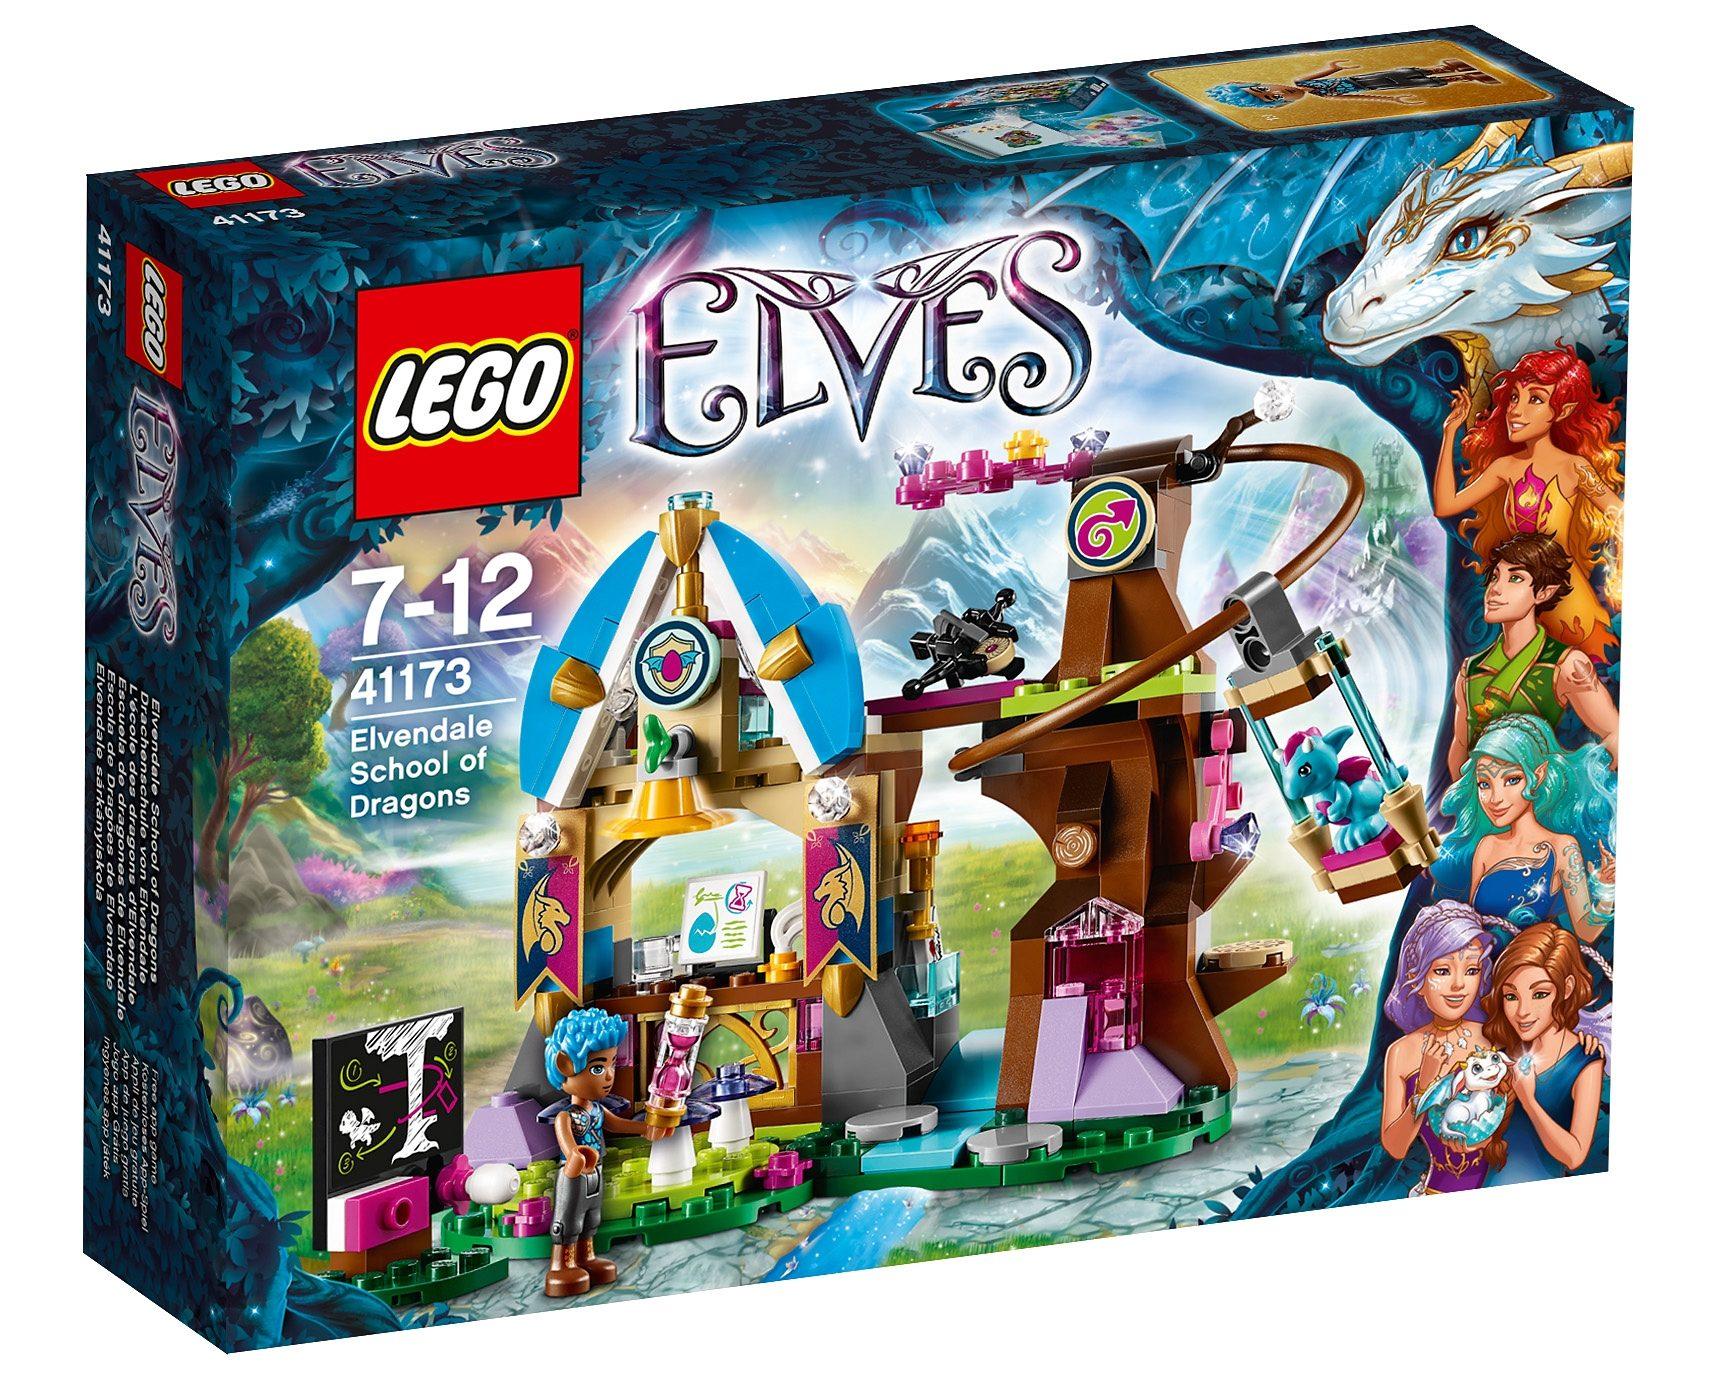 LEGO® Drachenschule von Elvendale (41173), »LEGO® Elves«